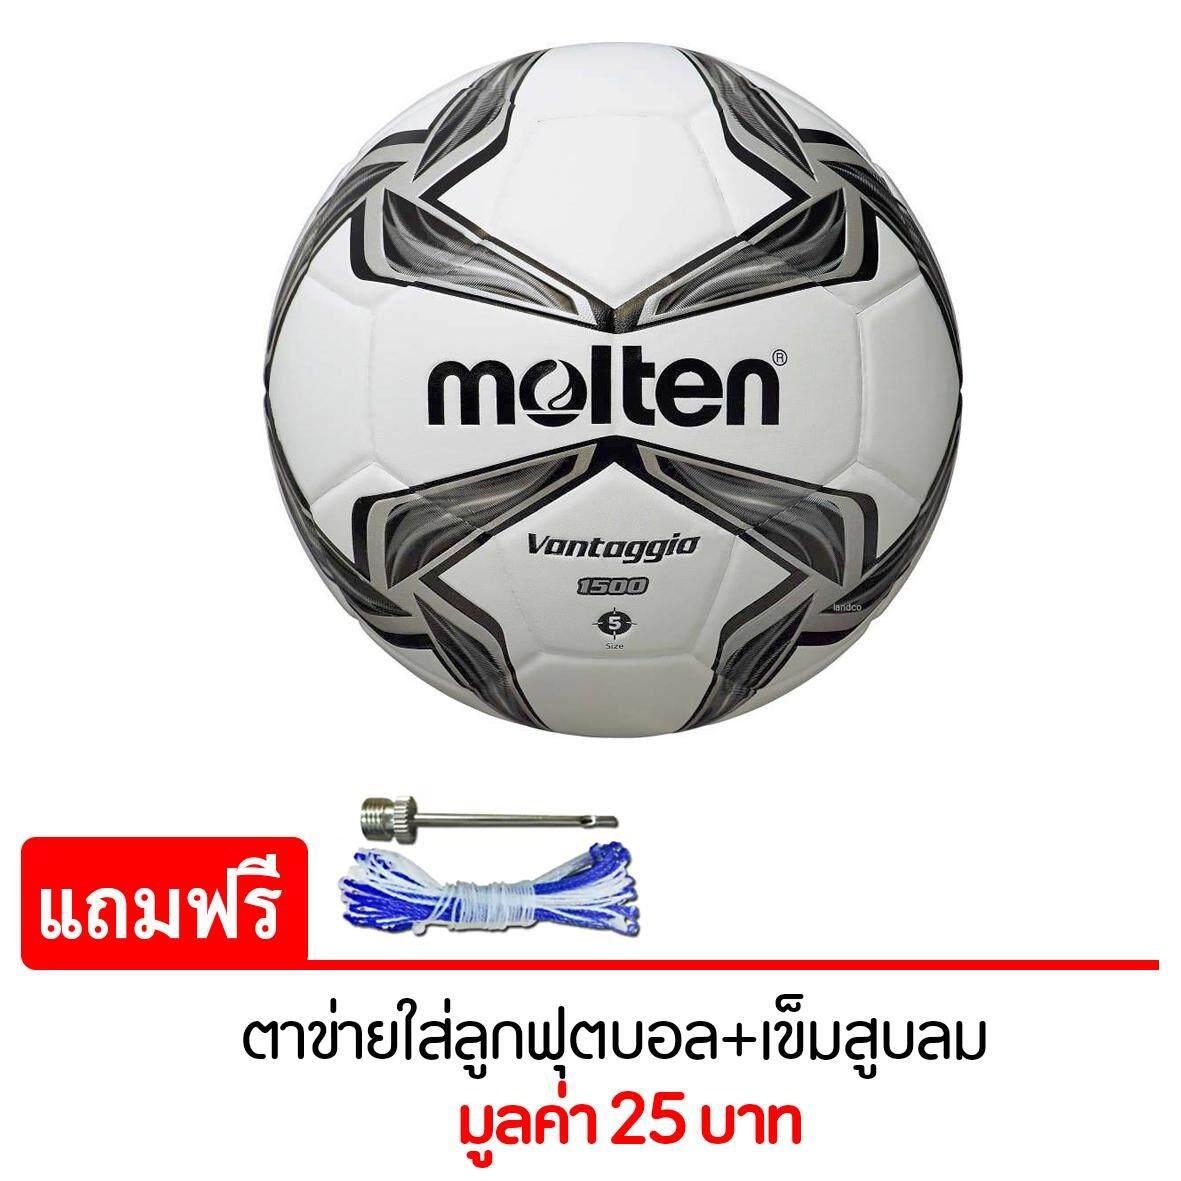 ยี่ห้อนี้ดีไหม  MOLTEN ลูกฟุตบอล Football PVC F5V1500-K เบอร์5 แถมฟรี ตาข่ายใส่ลูกฟุตบอล + เข็มสูบลม